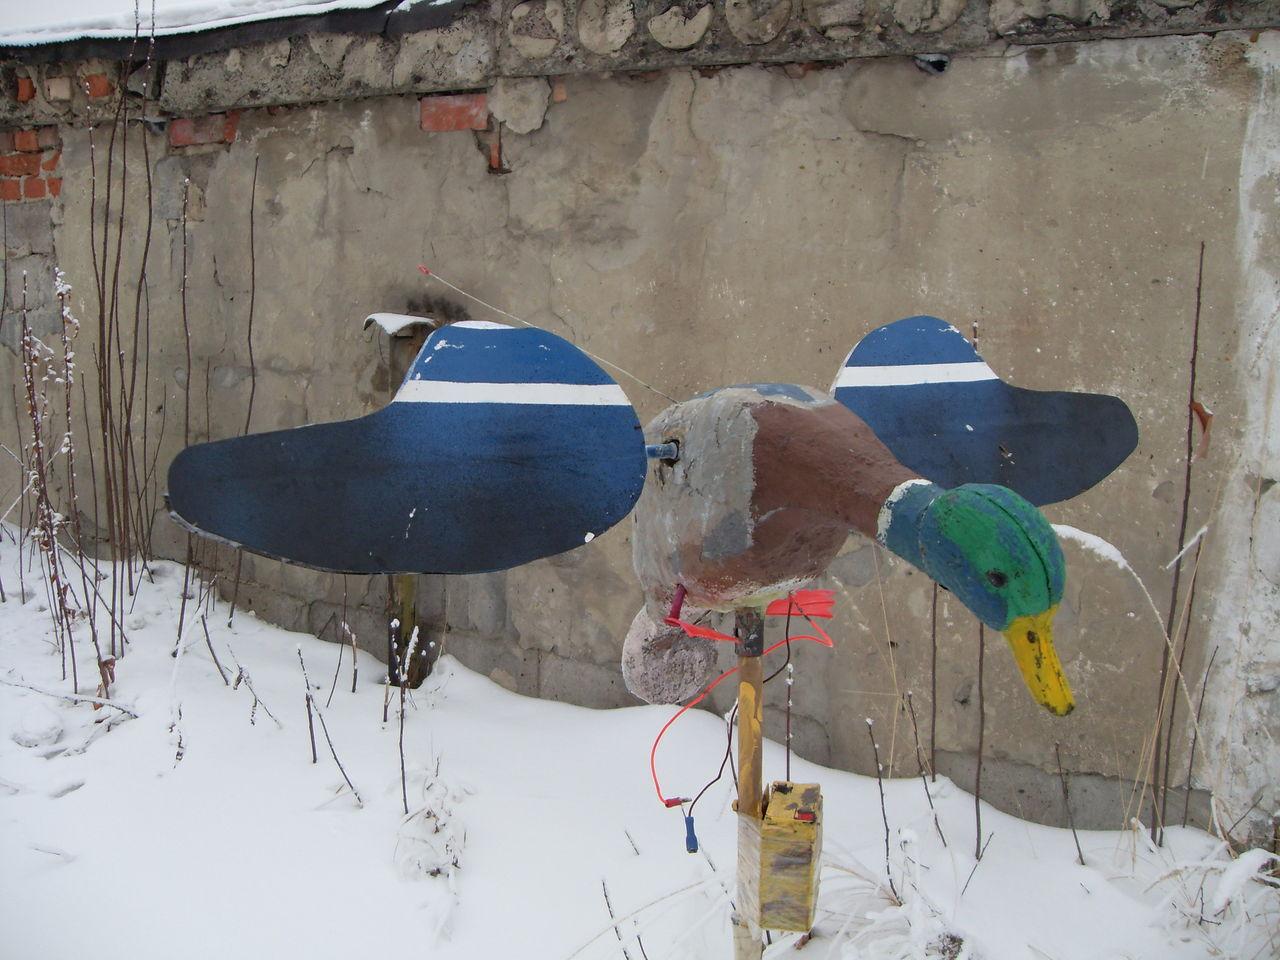 Чучело утки с машущими крыльями своими руками